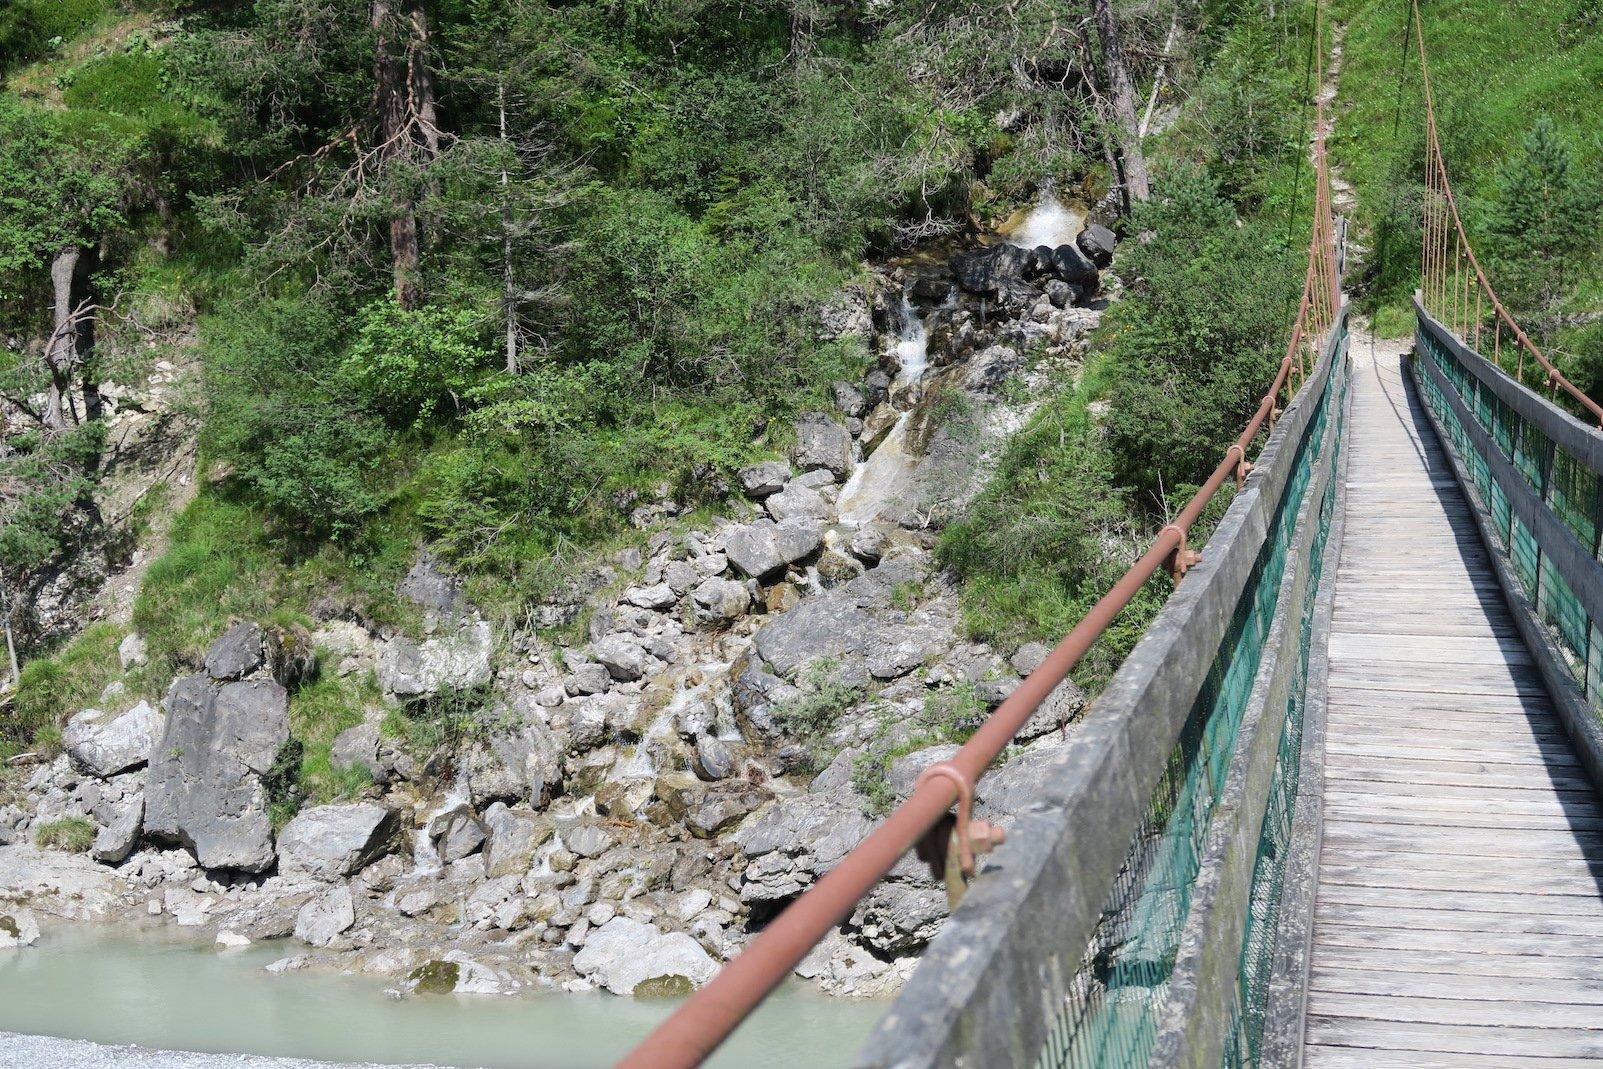 Ein kleiner Wasserfall auf der anderen Seite der Hängebrücke bei Forchach